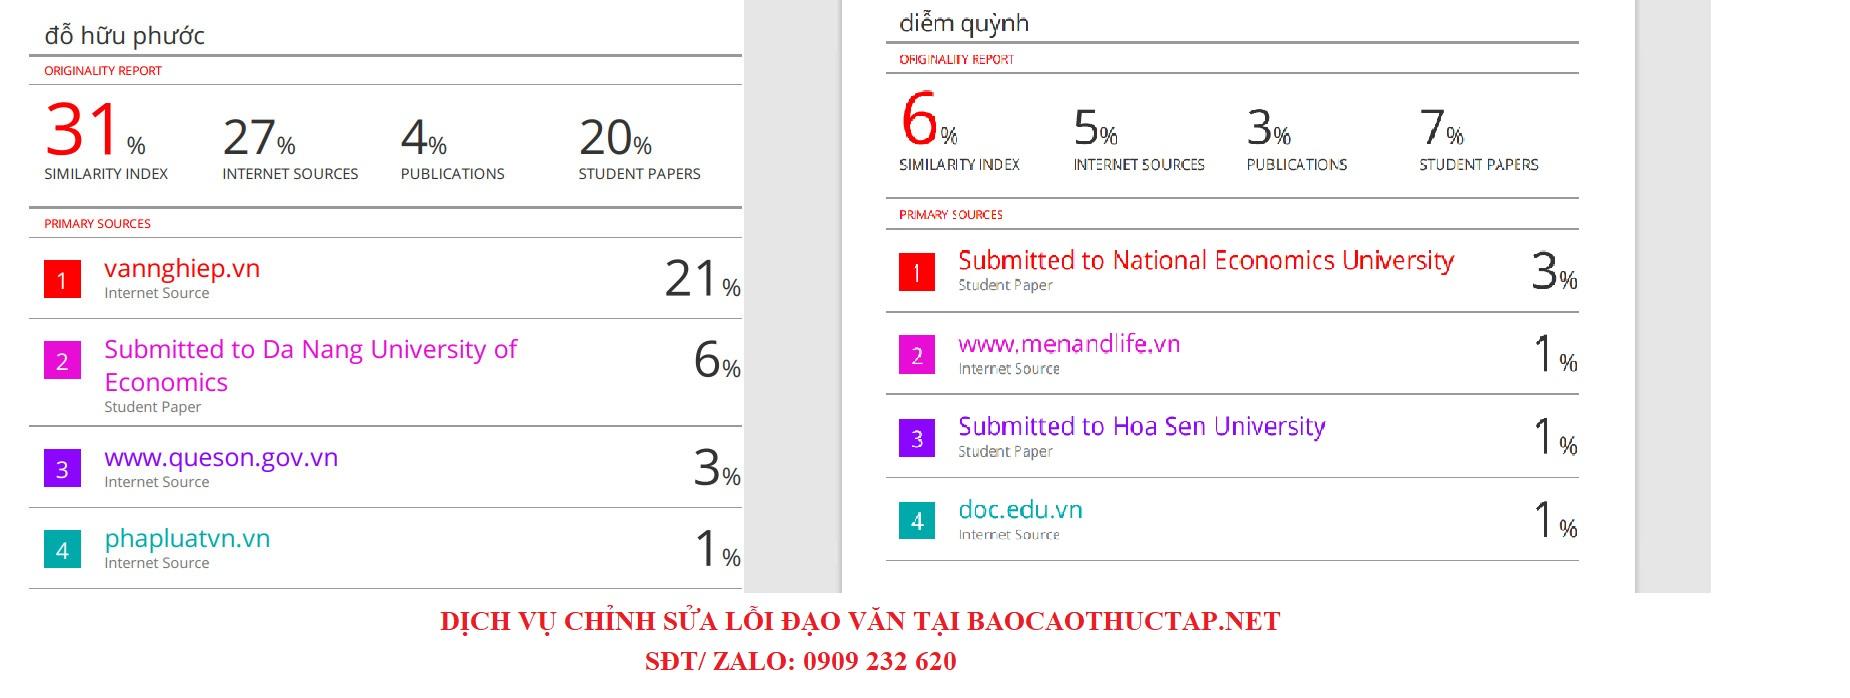 Kết quả đạo văn khi sử dụng Dịch vụ chỉnh sửa đạo văn tại Baocaothuctap.net